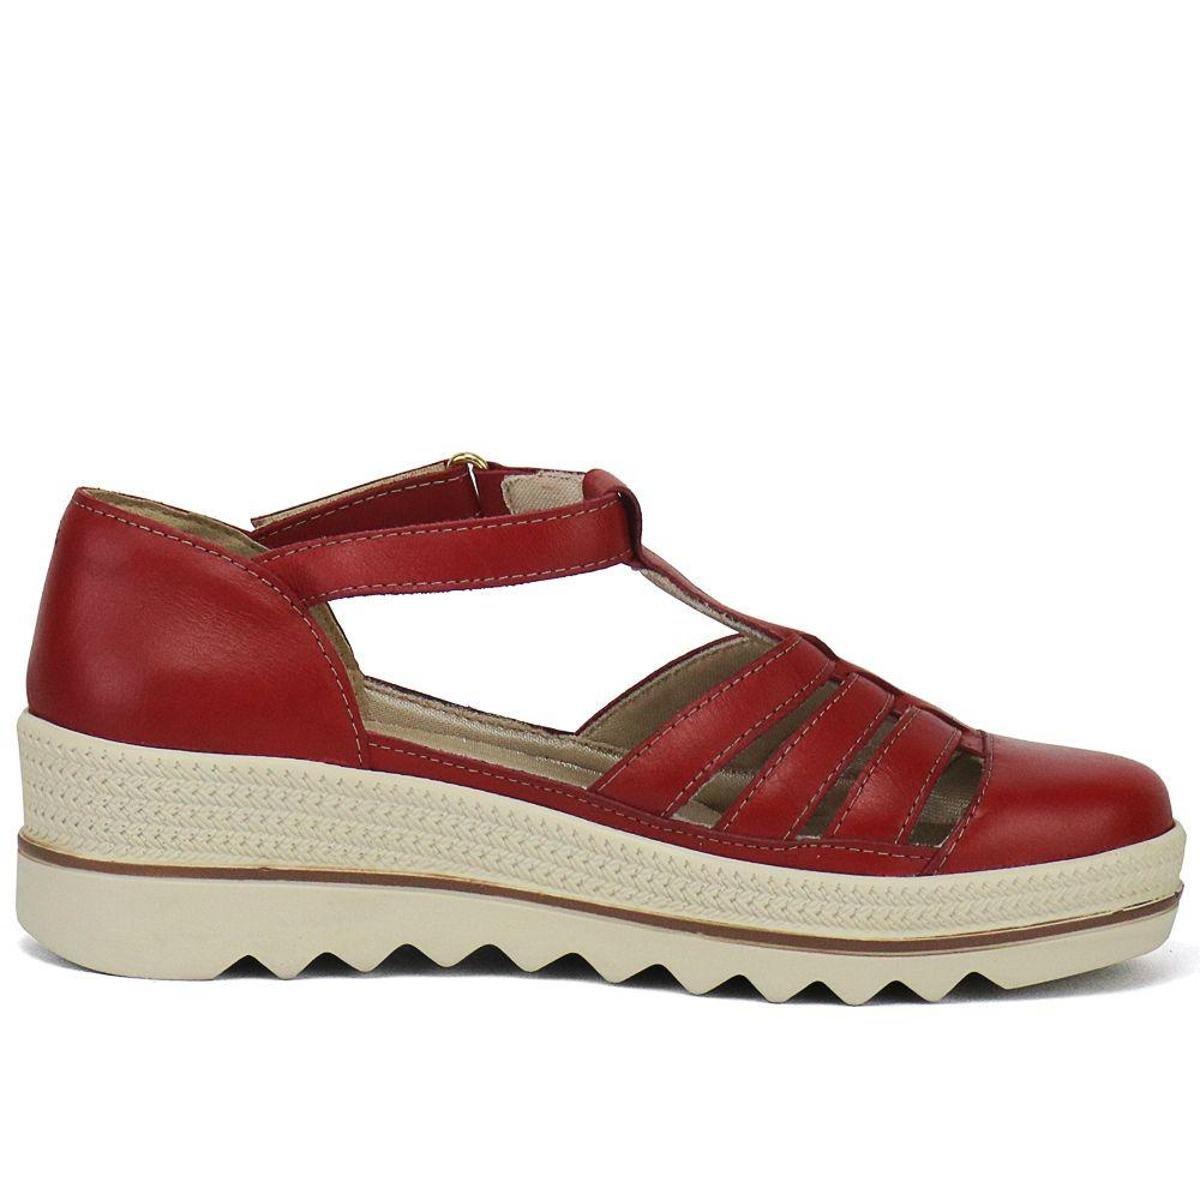 Sandália Plataforma em Couro SapatoFran com Velcro Feminina - Vermelho